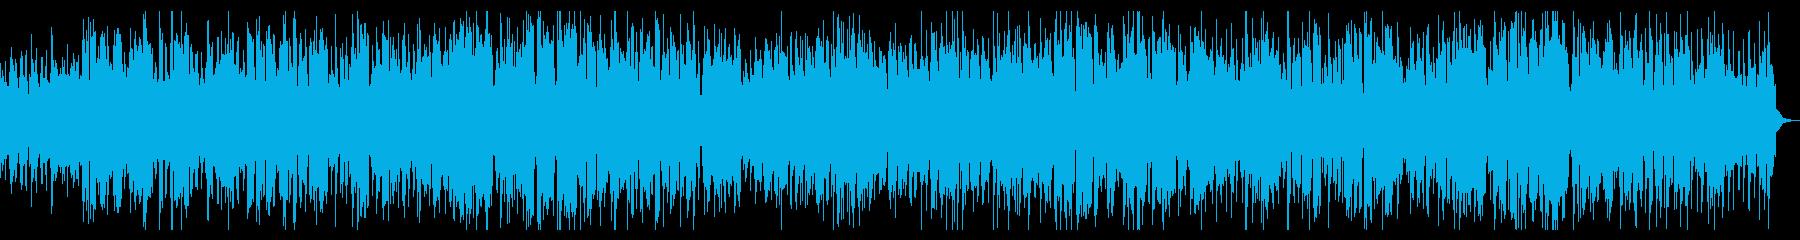 トランペットの明るいジャズバラードの再生済みの波形